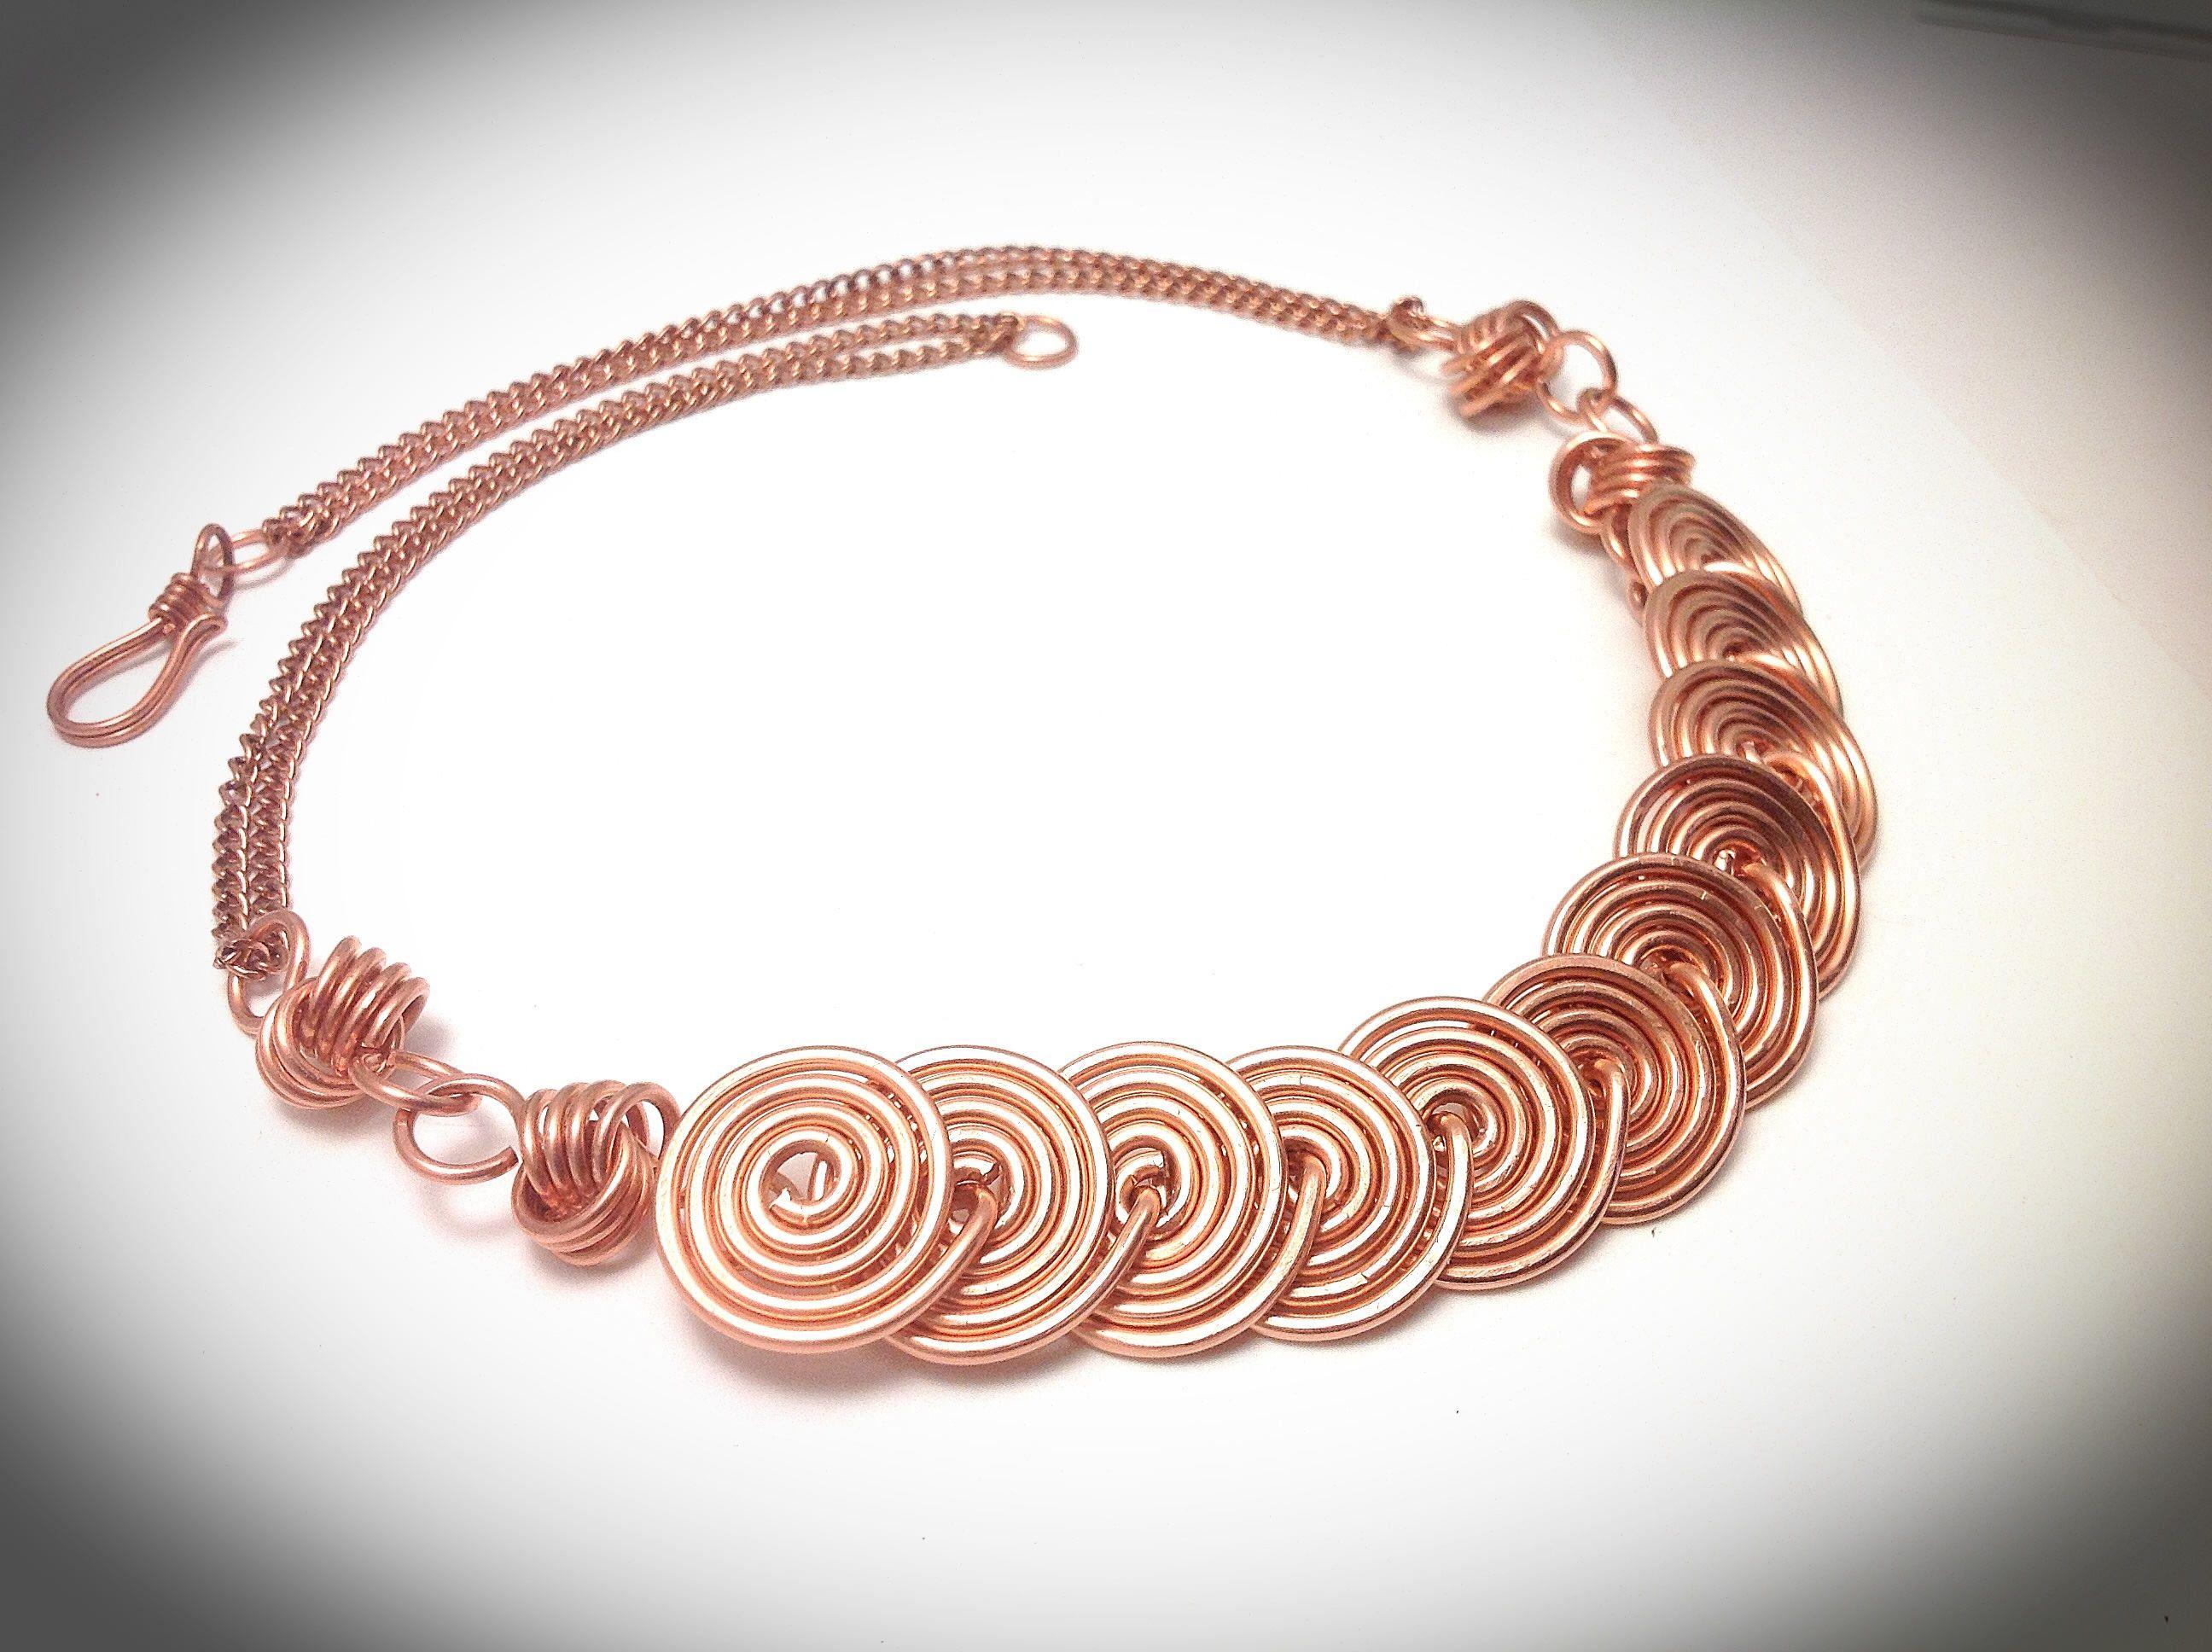 Copper wire necklace. Wirewrapped jewelry. Wire jewelry. Spiral ...